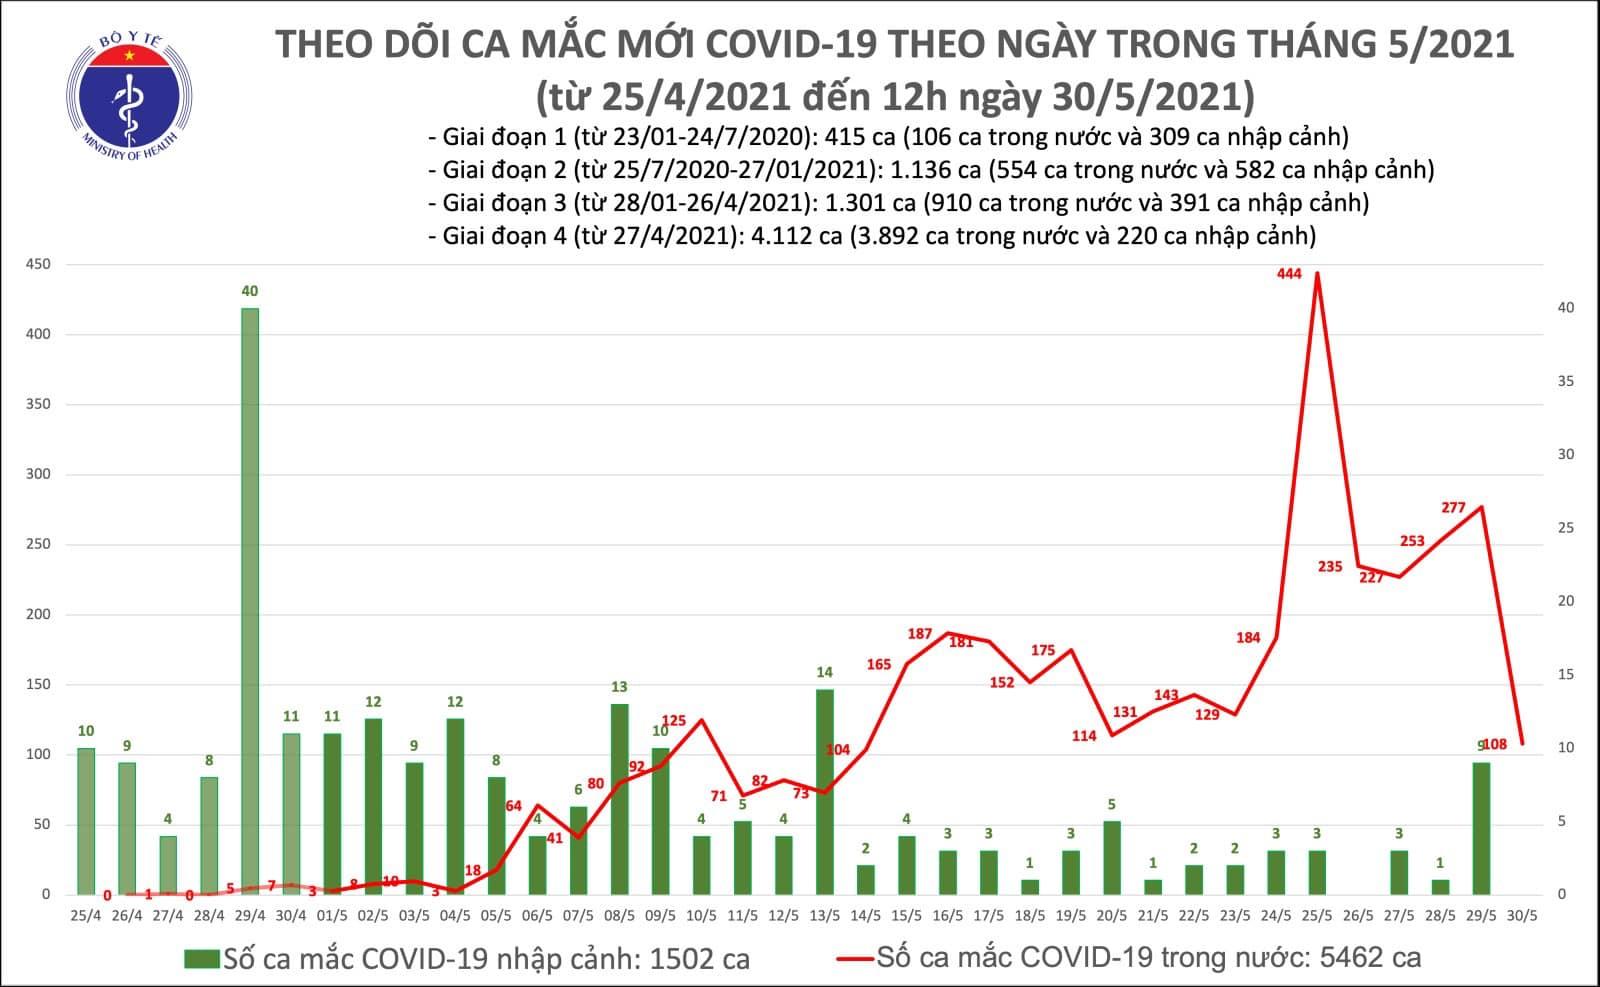 Trưa 30/5: Thêm 56 ca mắc COVID-19 trong nước, Bắc Giang và Bắc Ninh chiếm 54 ca